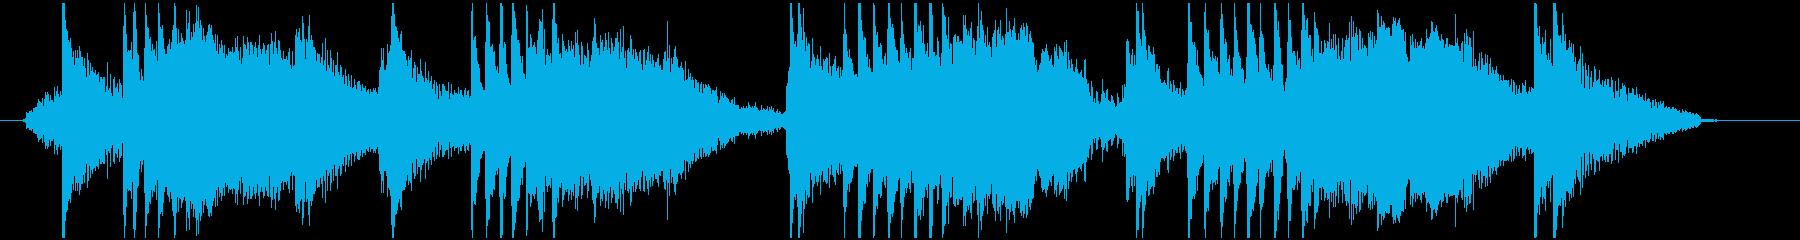 ダークでシリアスなシーンの再生済みの波形